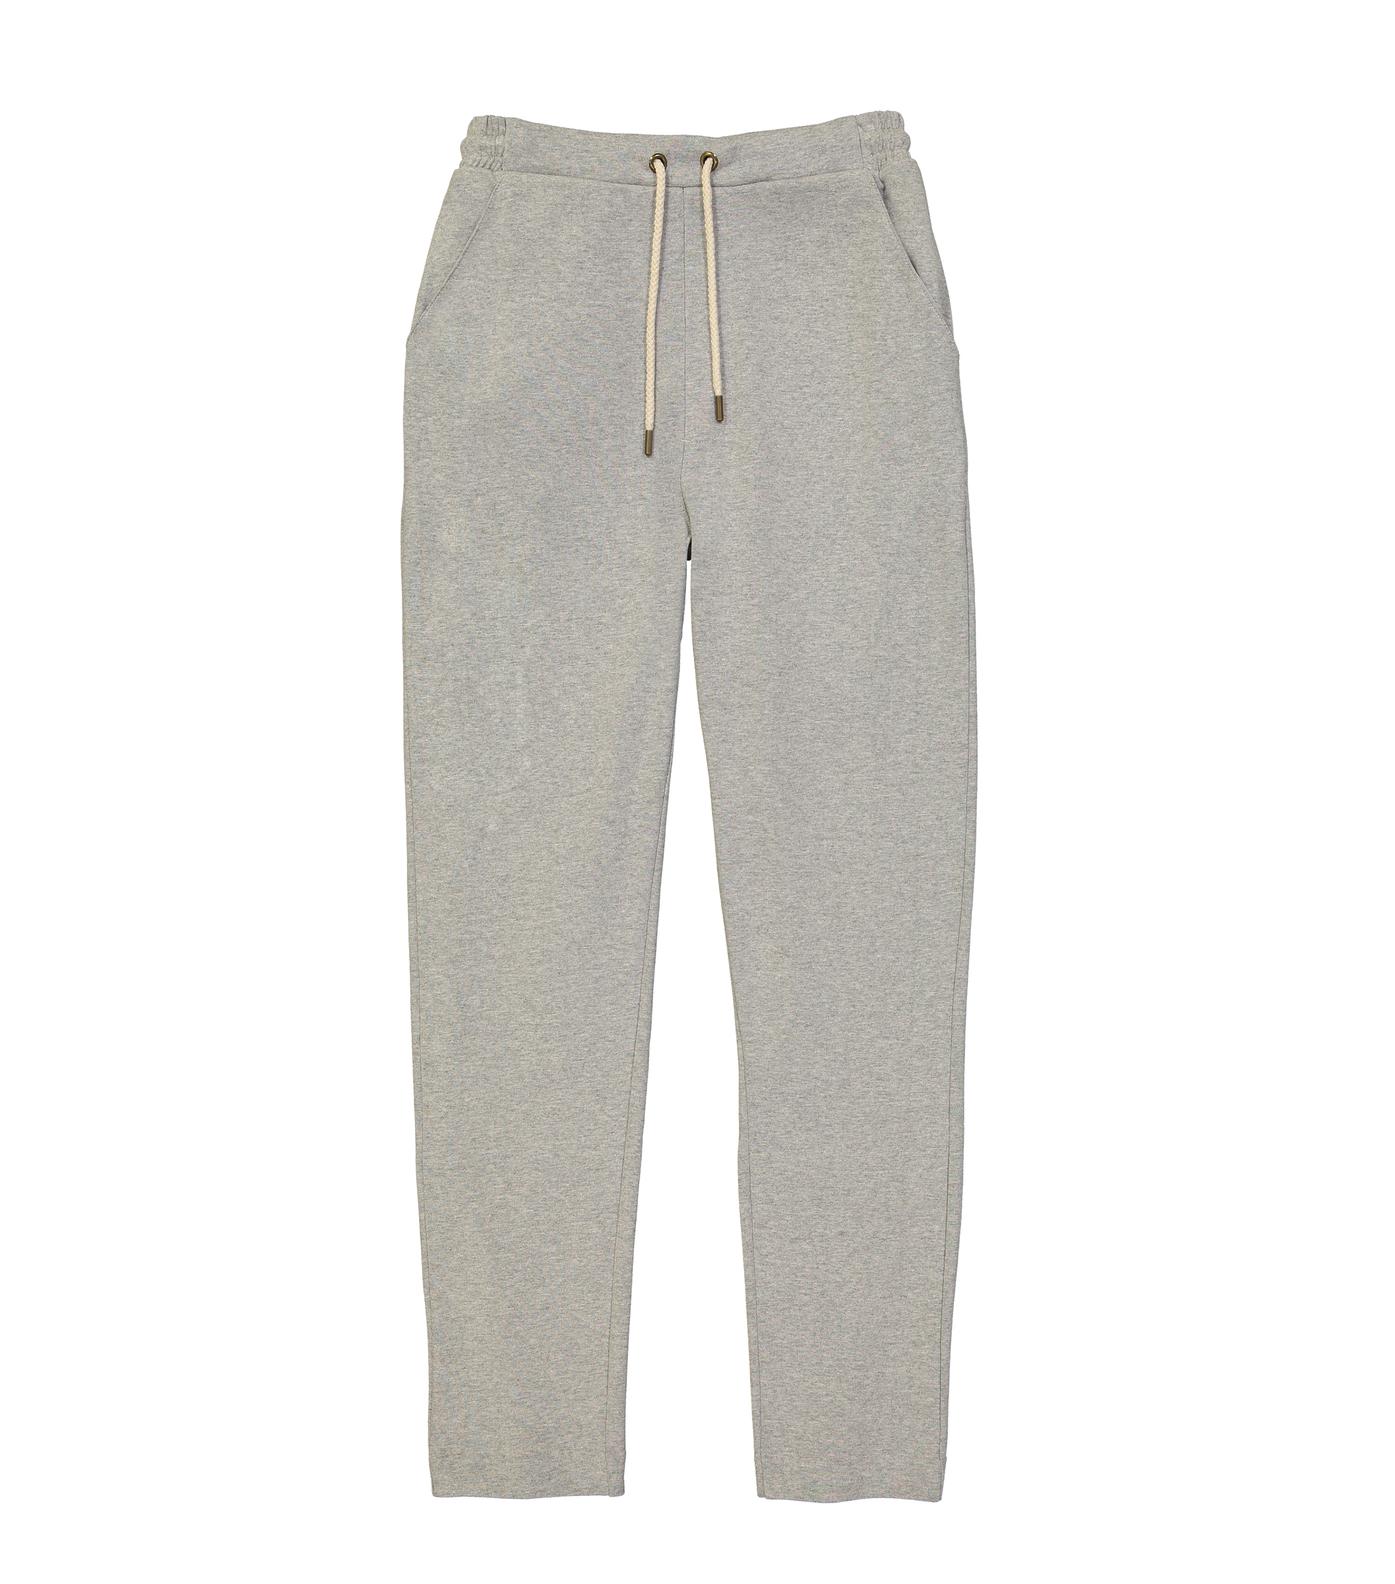 PANTS GN.DIM05 - Marl grey